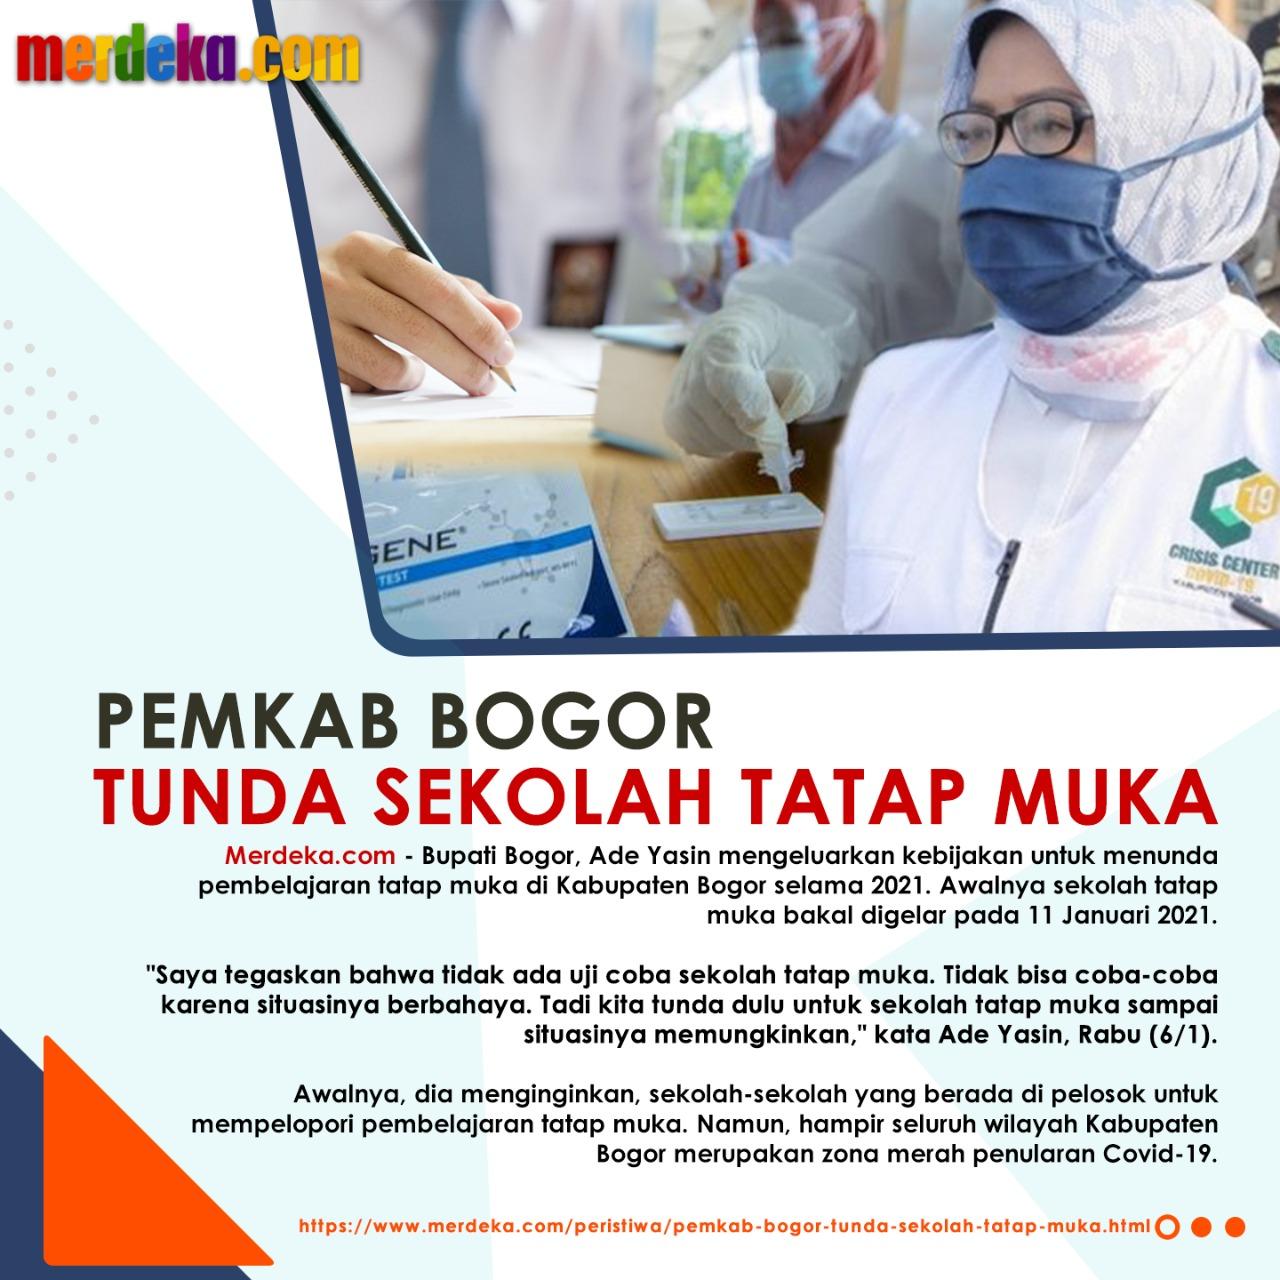 """Pemkab Bogor """"Tunda Sekolah Tatap Muka"""""""